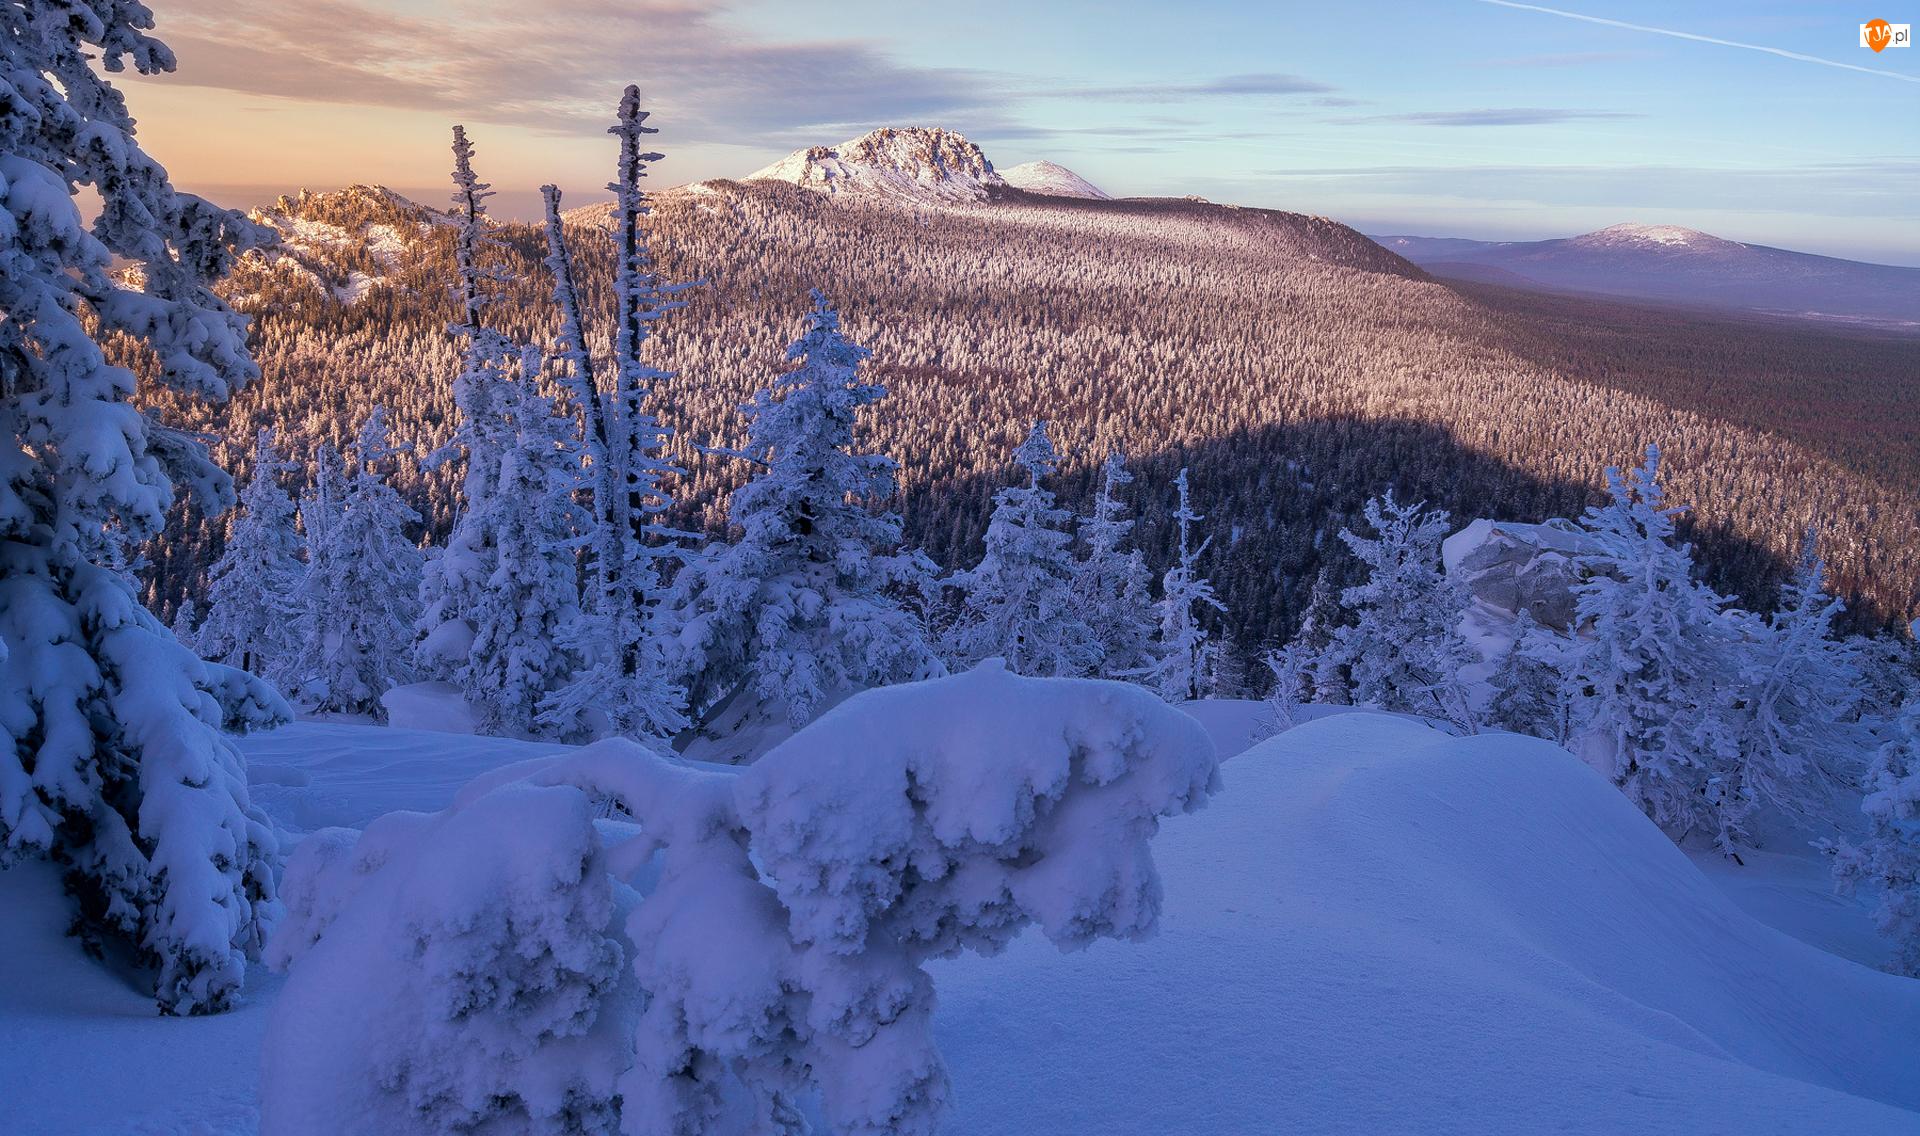 Wzgórza, Drzewa, Góry, Zima, Ośnieżone